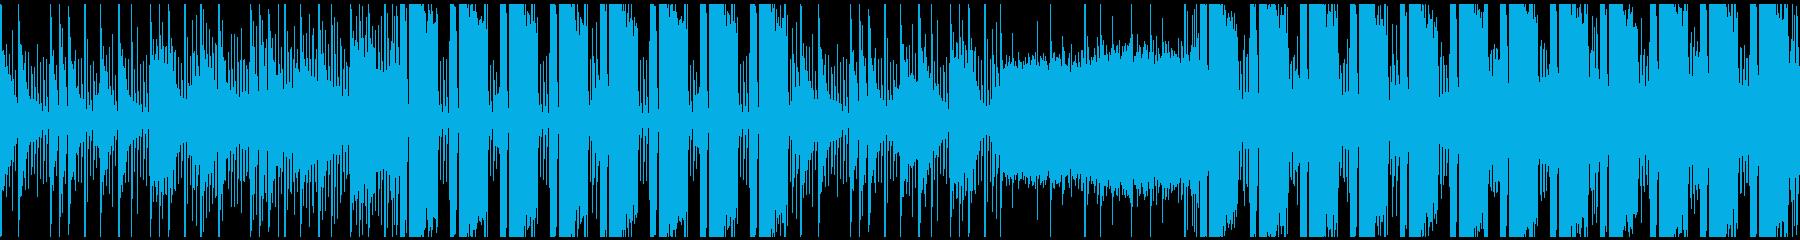 シンセメインの無機質でクールな曲 ループの再生済みの波形